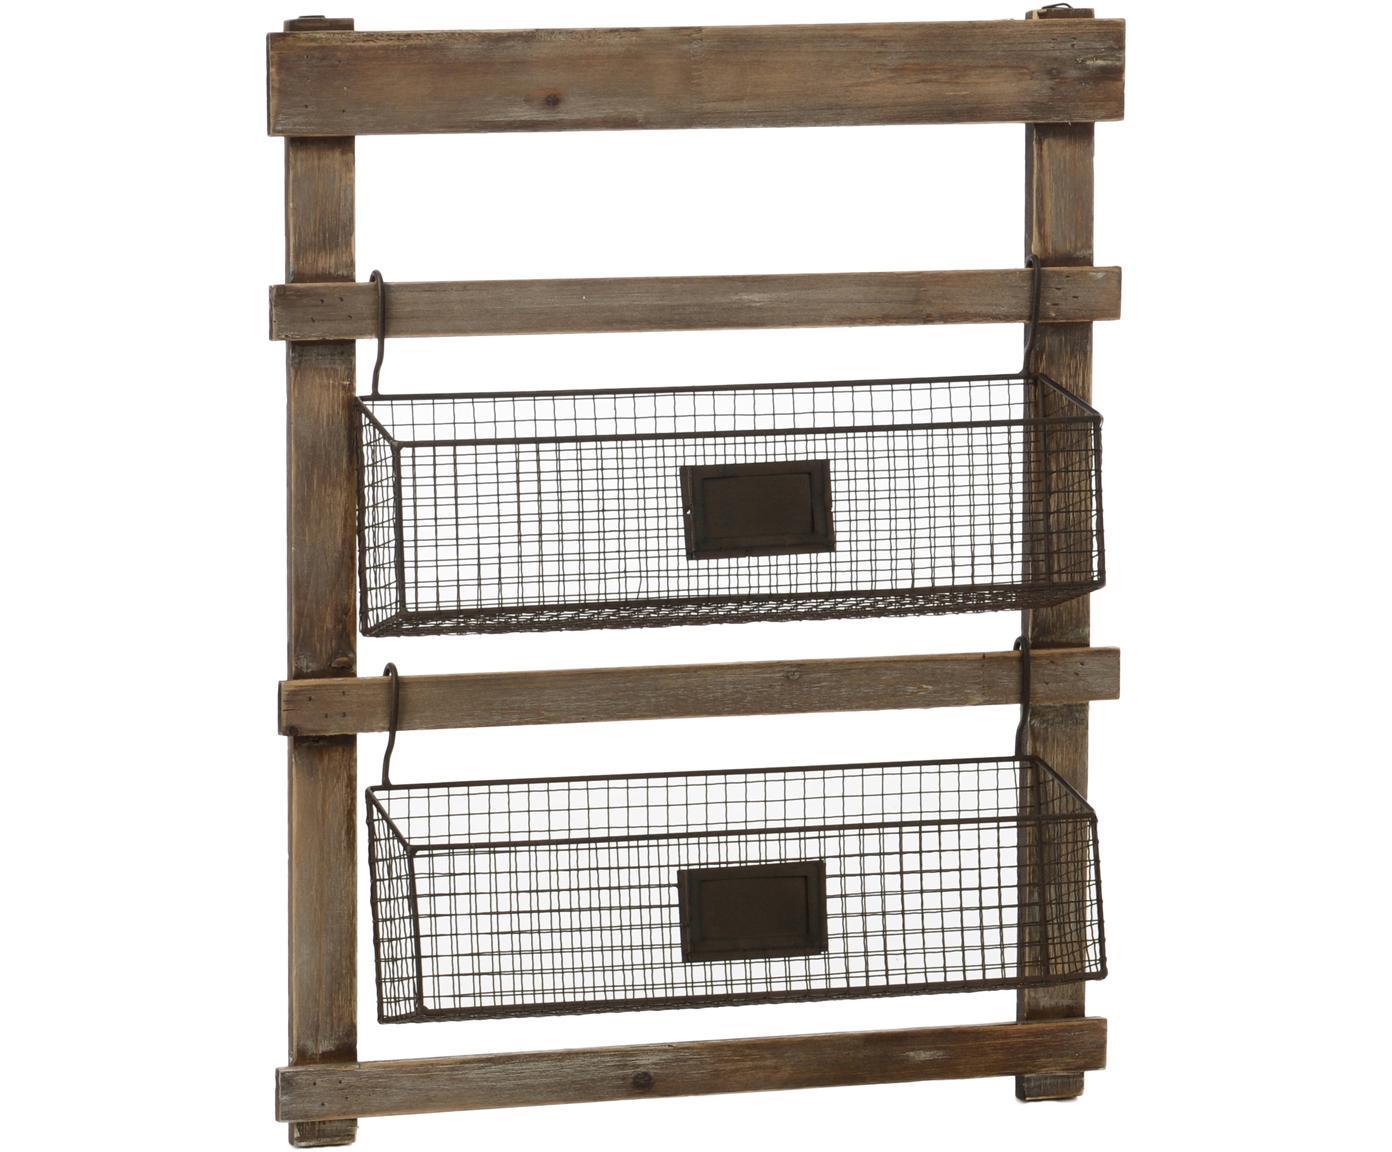 Estantería Mat, Estructura: madera, Marrón, negro, An 46 x Al 60 cm